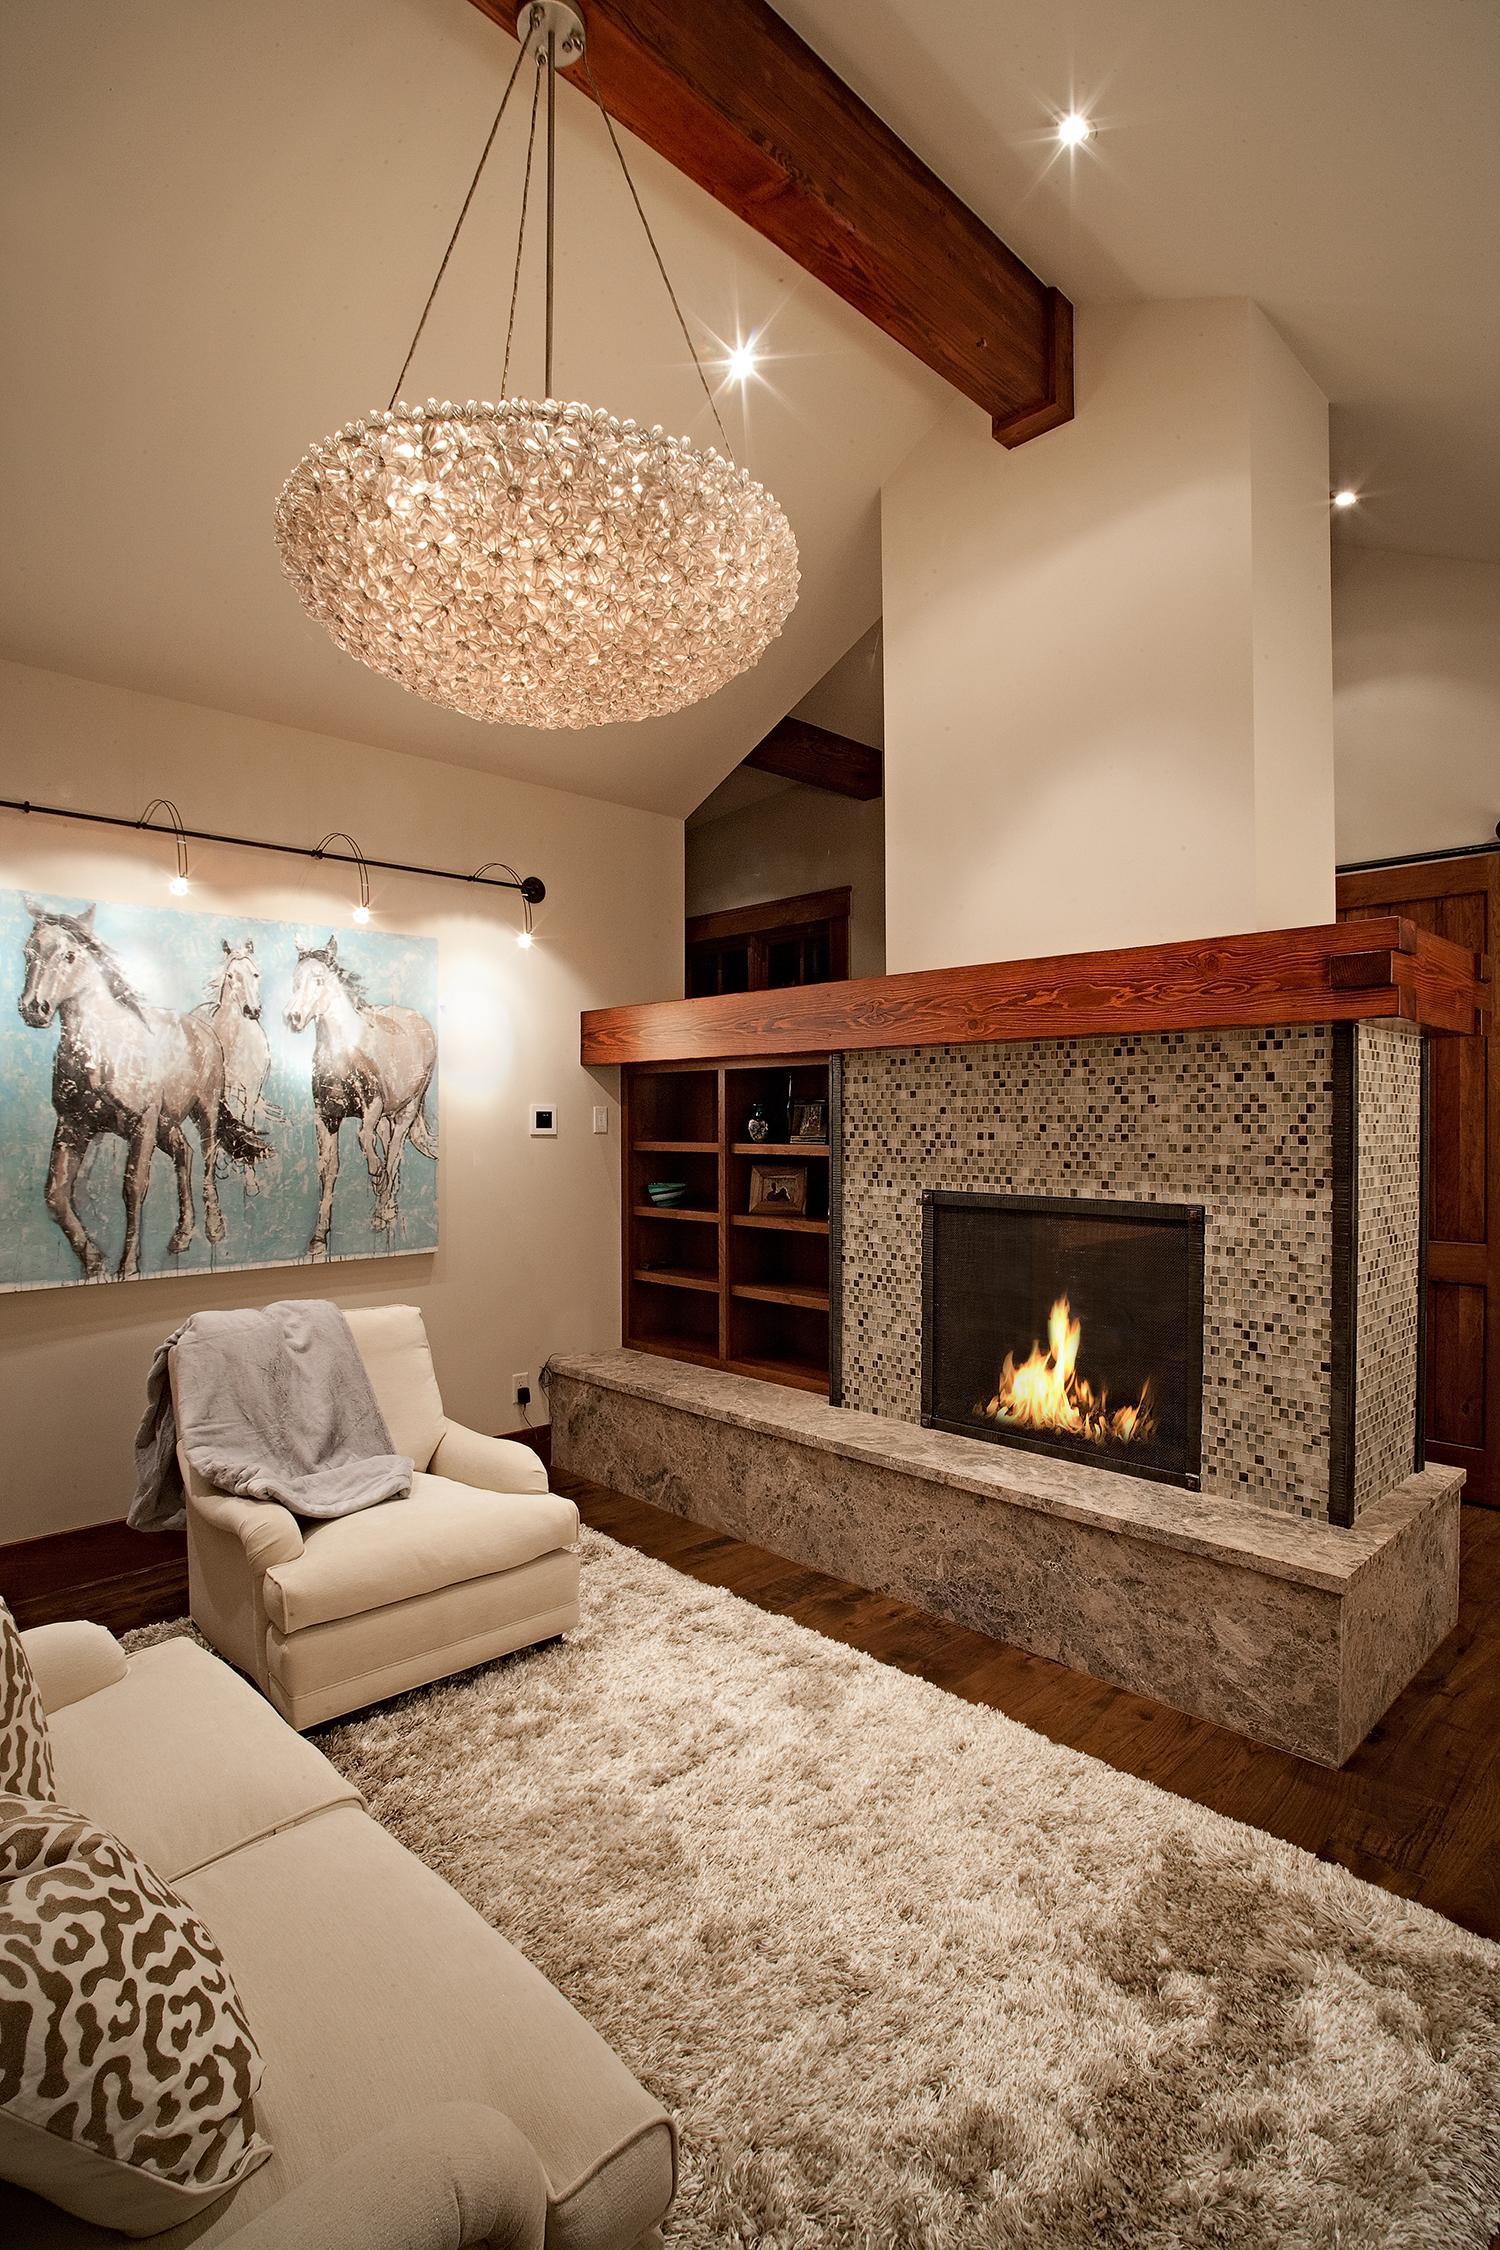 Lot 77_Den_Fireplace_Chandelier.jpg